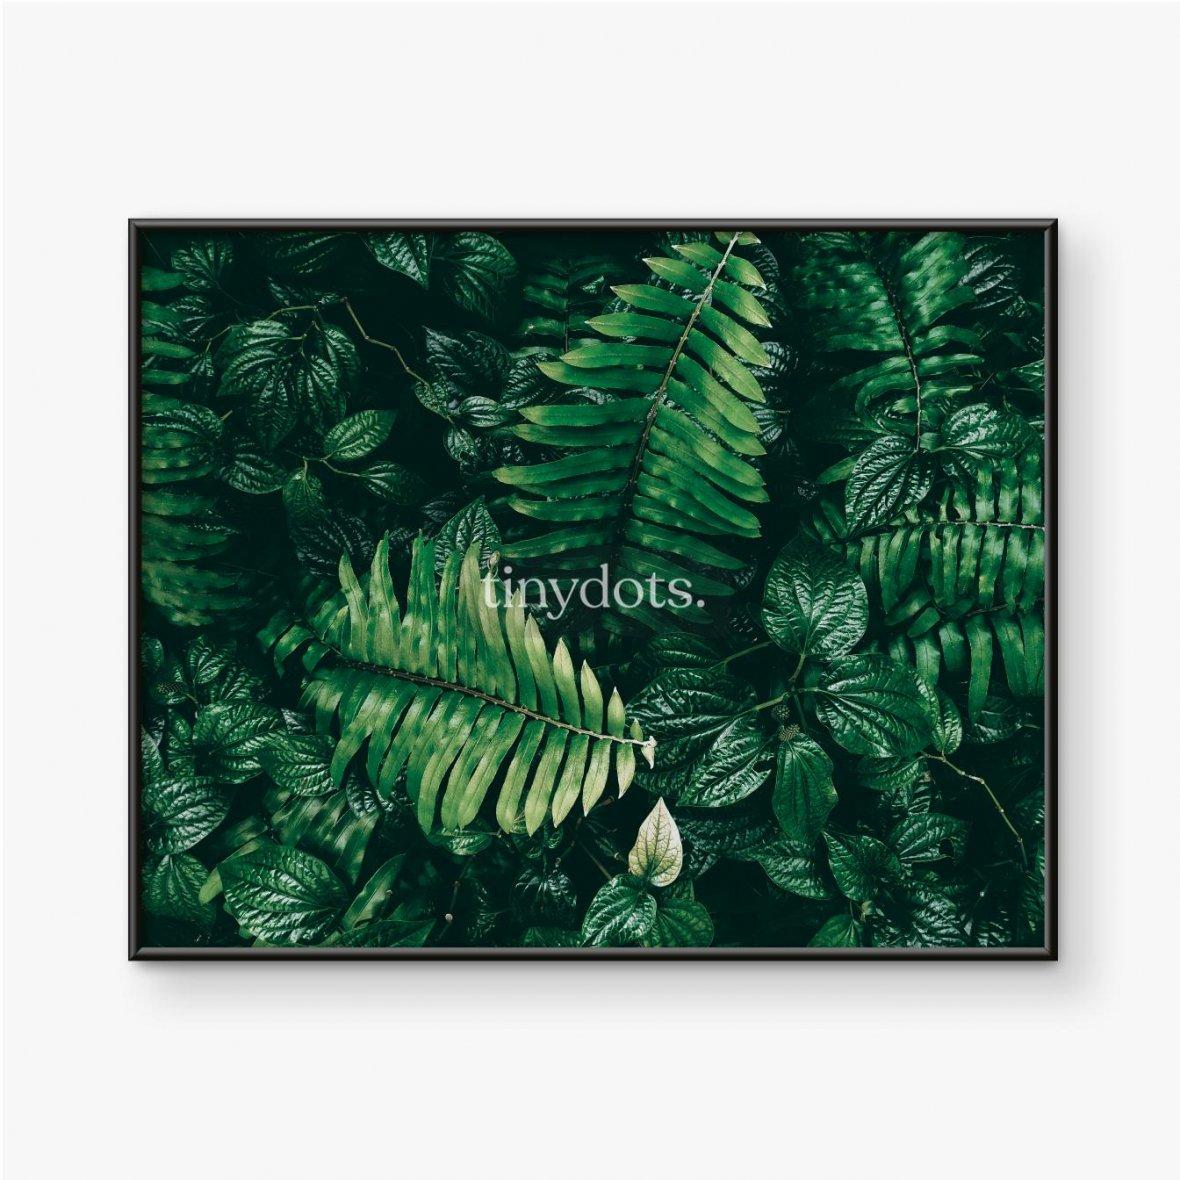 Gerahmte Poster Tropisches grünes Blatt im dunklen Ton.